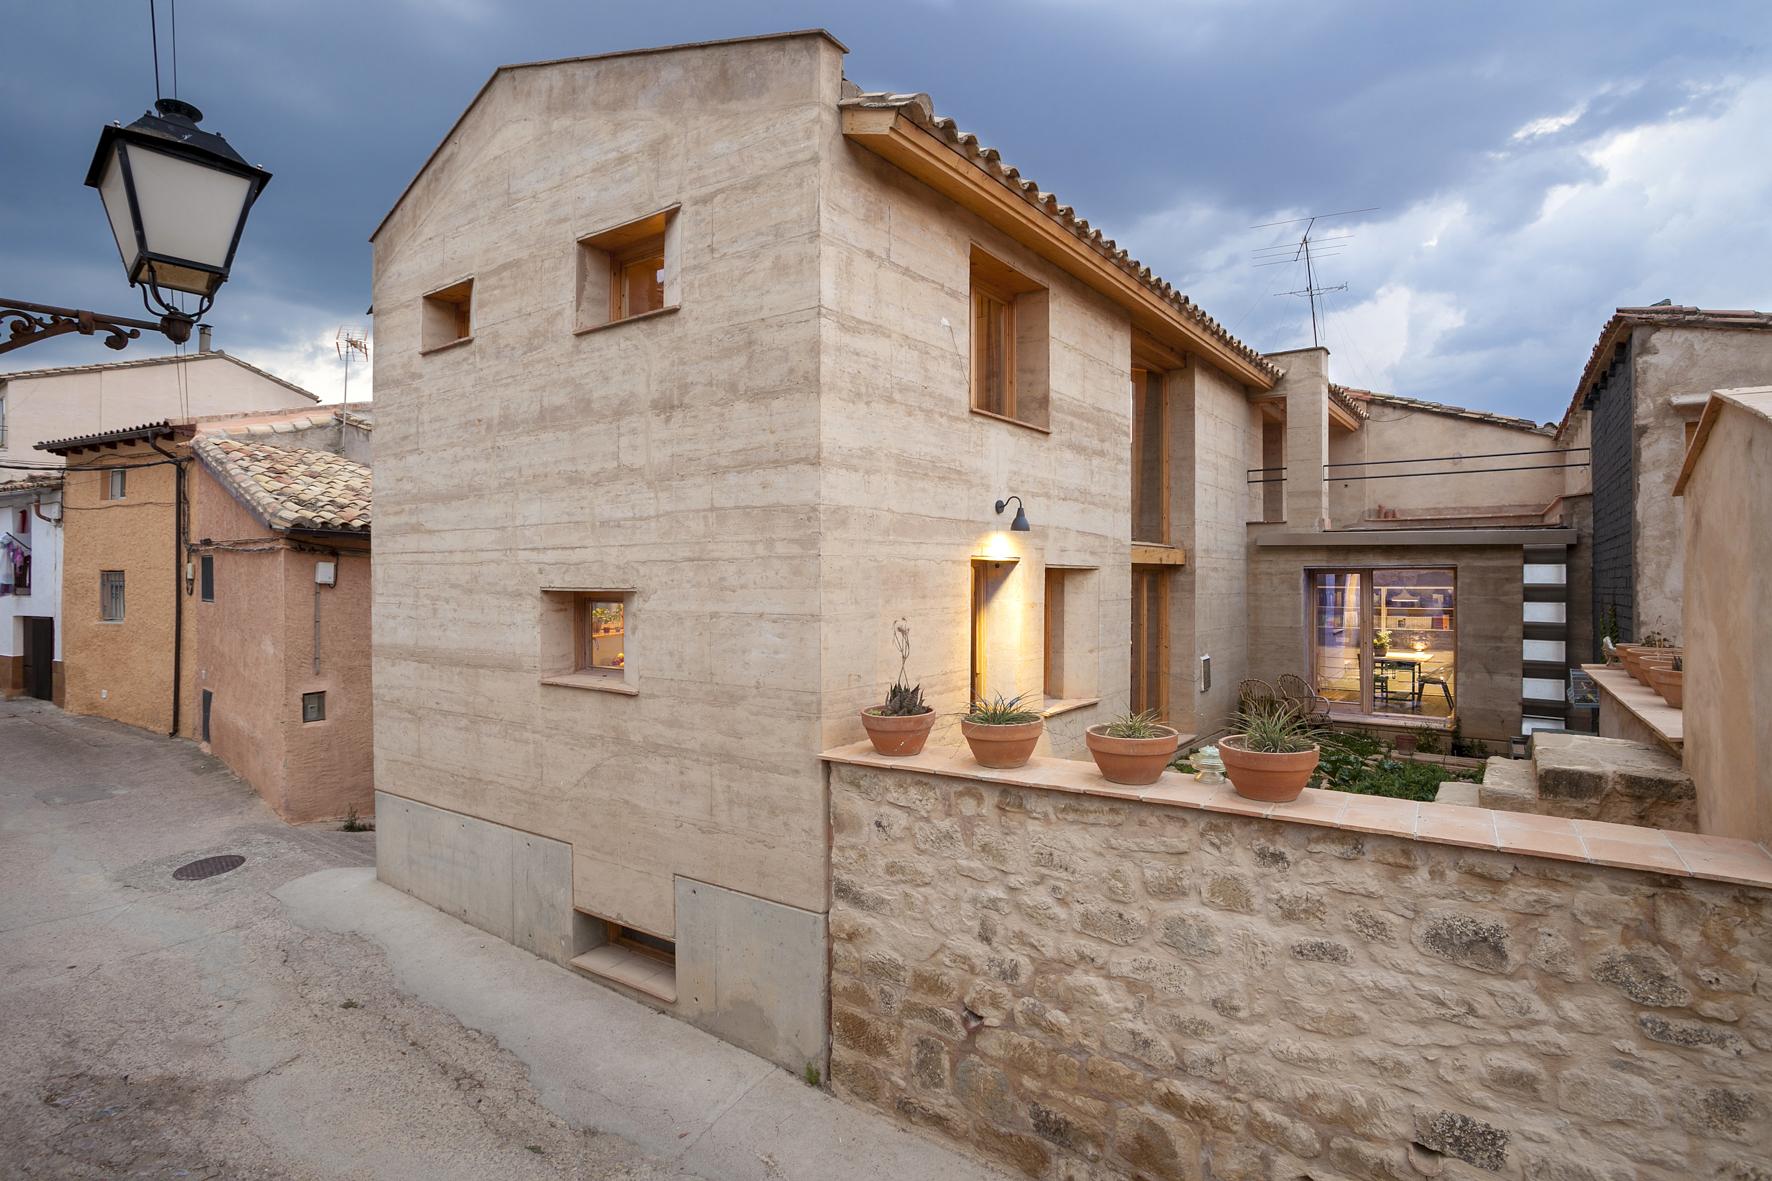 Casa vern cula del siglo xxi edra arquitectura km0 for Plataforma arquitectura